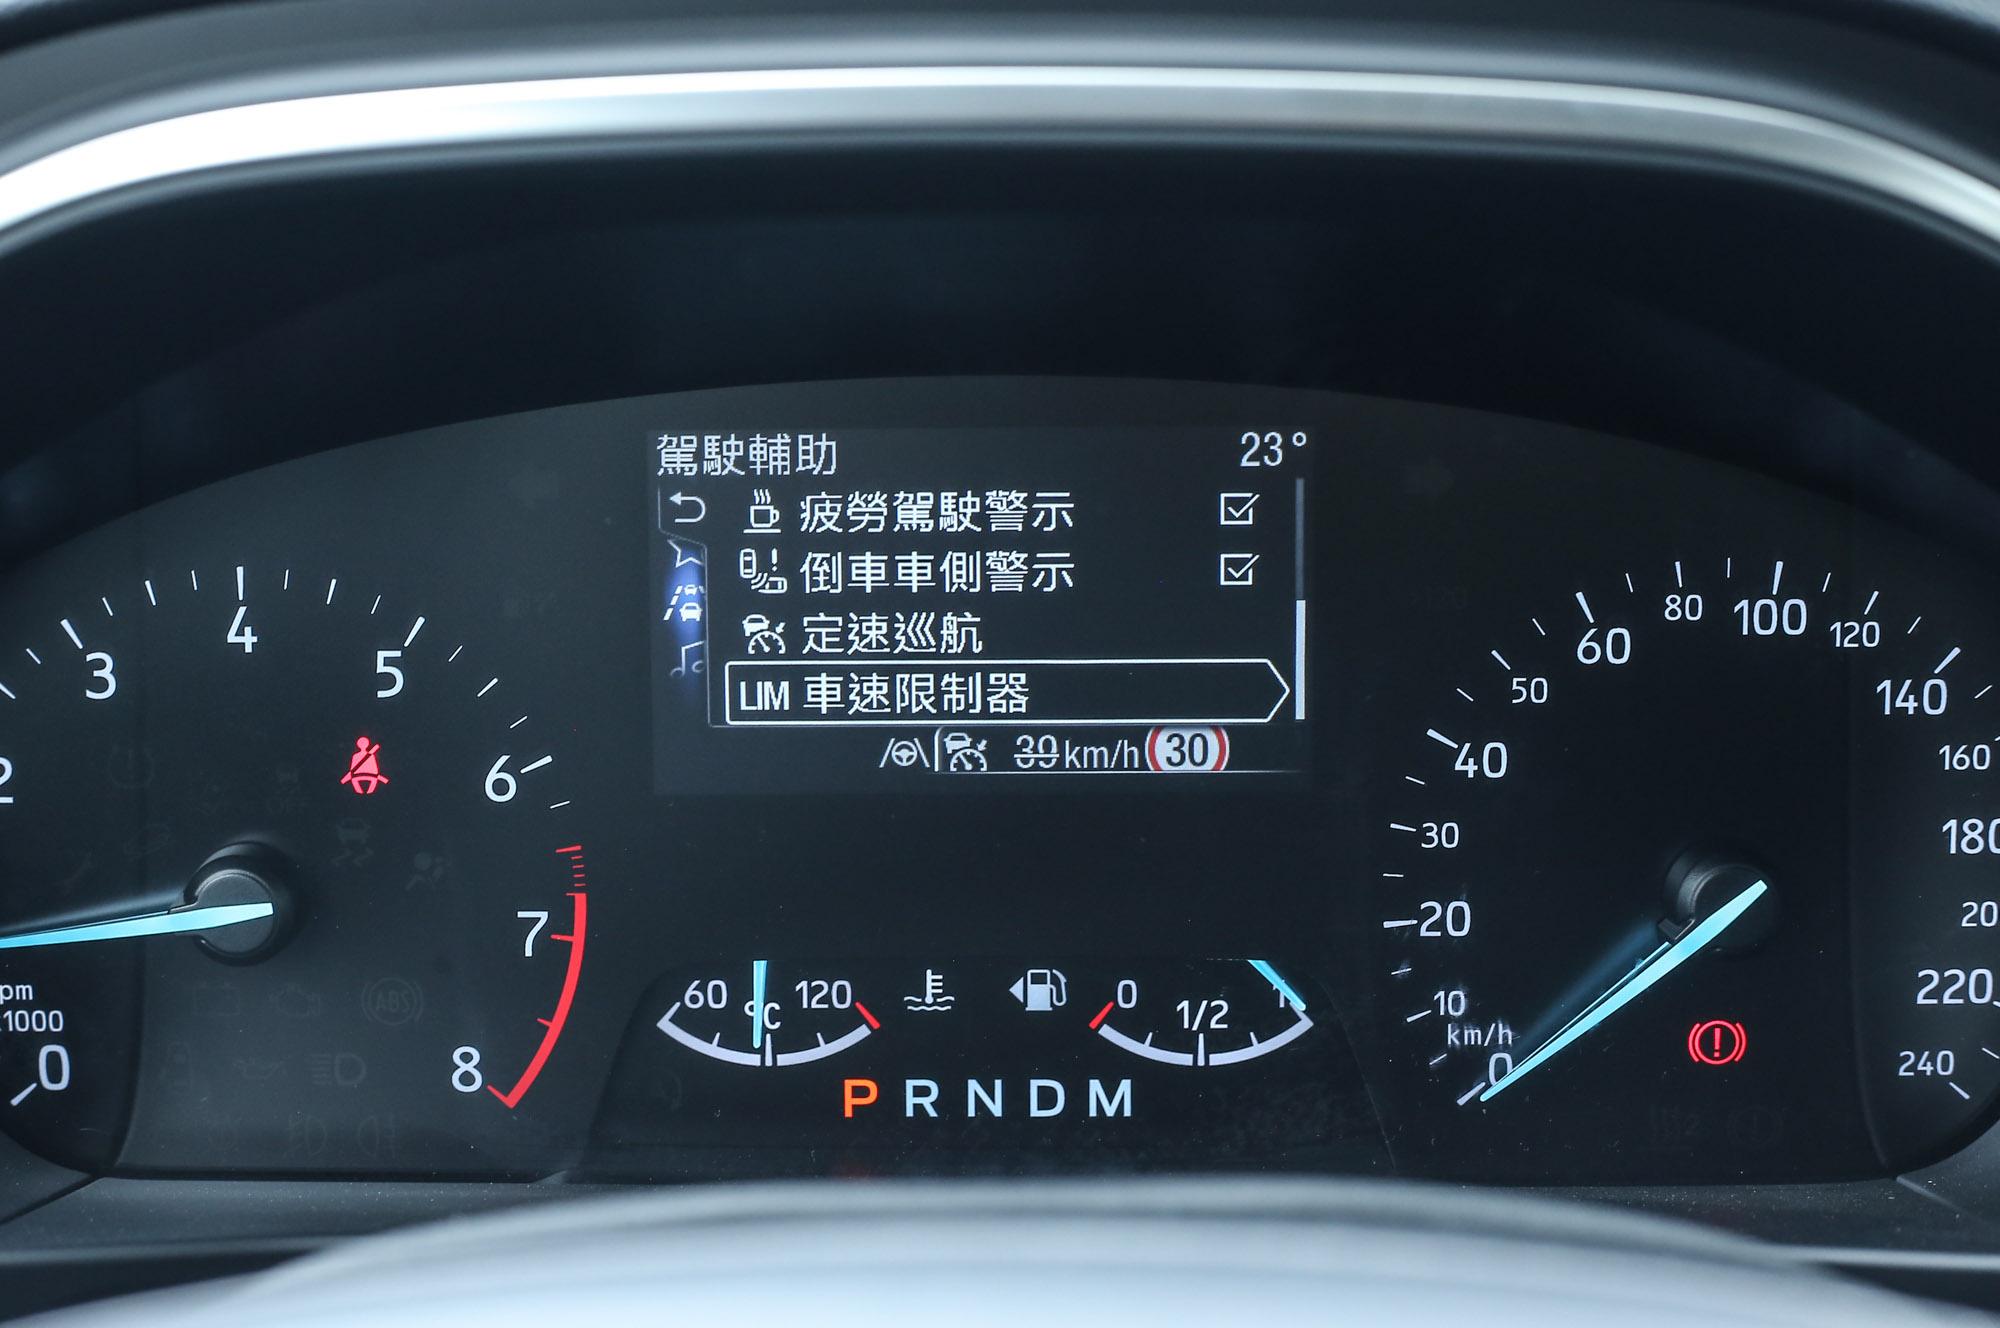 Co-Pilot360全方位智駕科技輔助系統增加 ISA智慧型速限輔助系統,整合成iACC智慧型定速巡航調節系統。